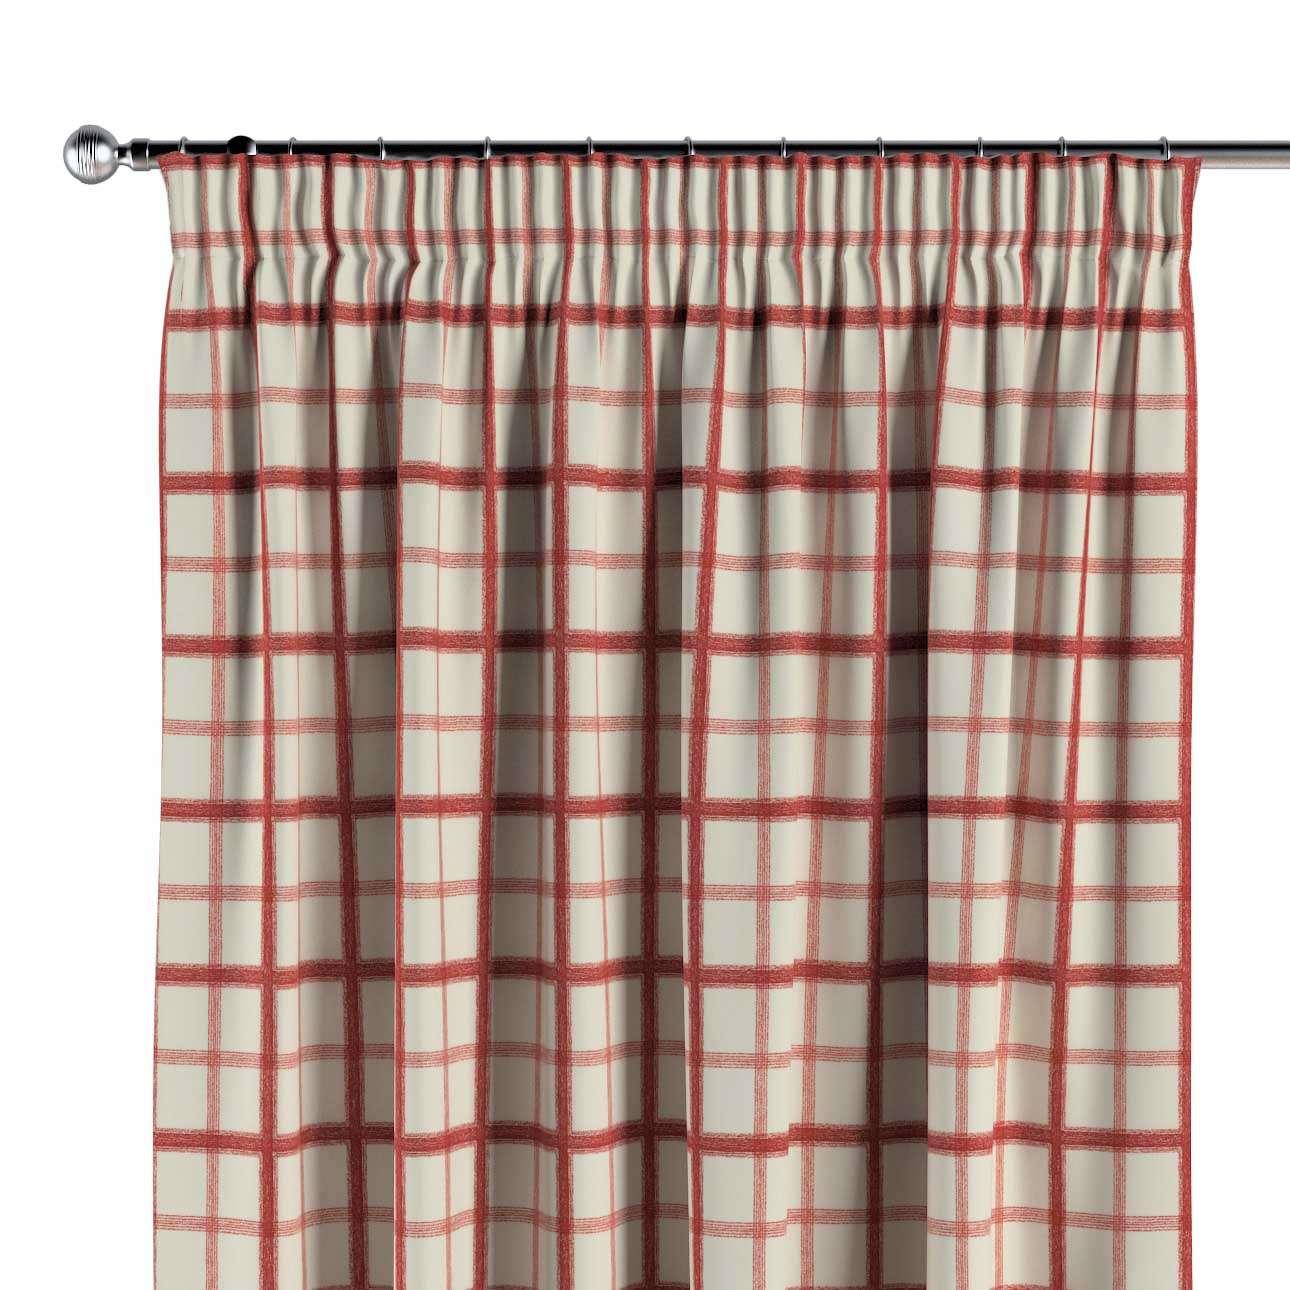 Záves na riasiacej páske 130 × 260 cm V kolekcii Avinon, tkanina: 131-15